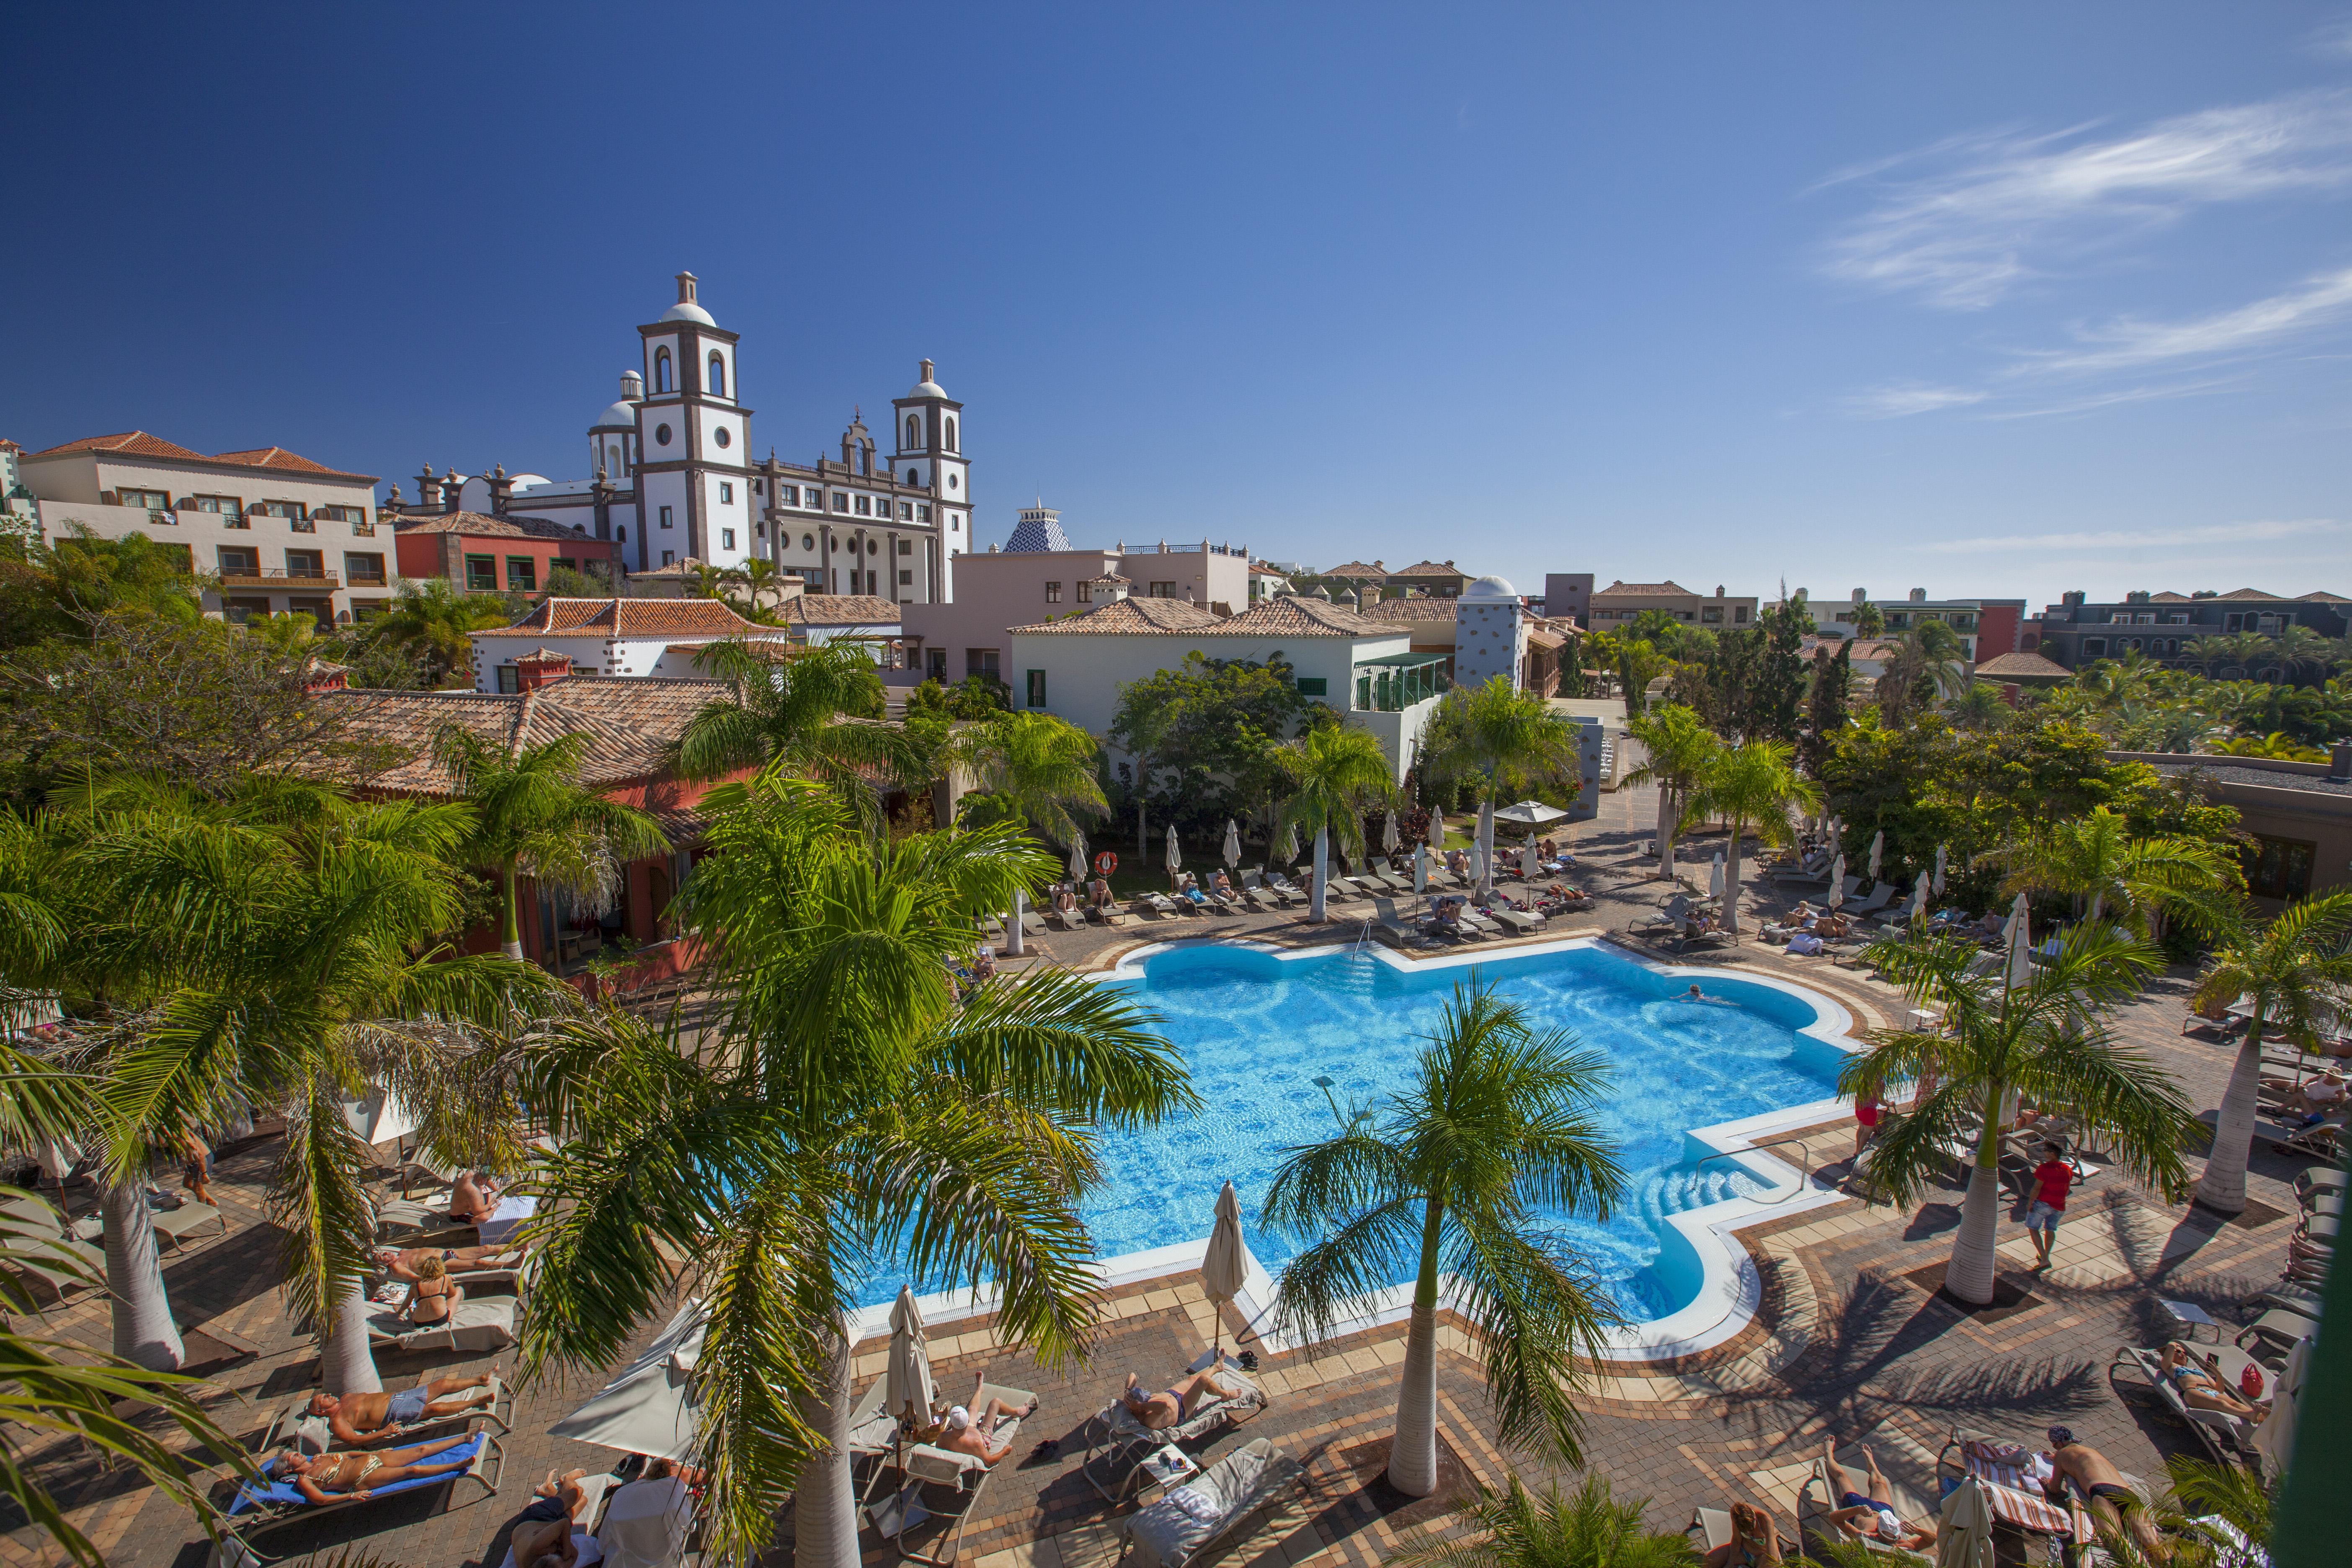 Costa Mediterraneo Hotel Mallorca